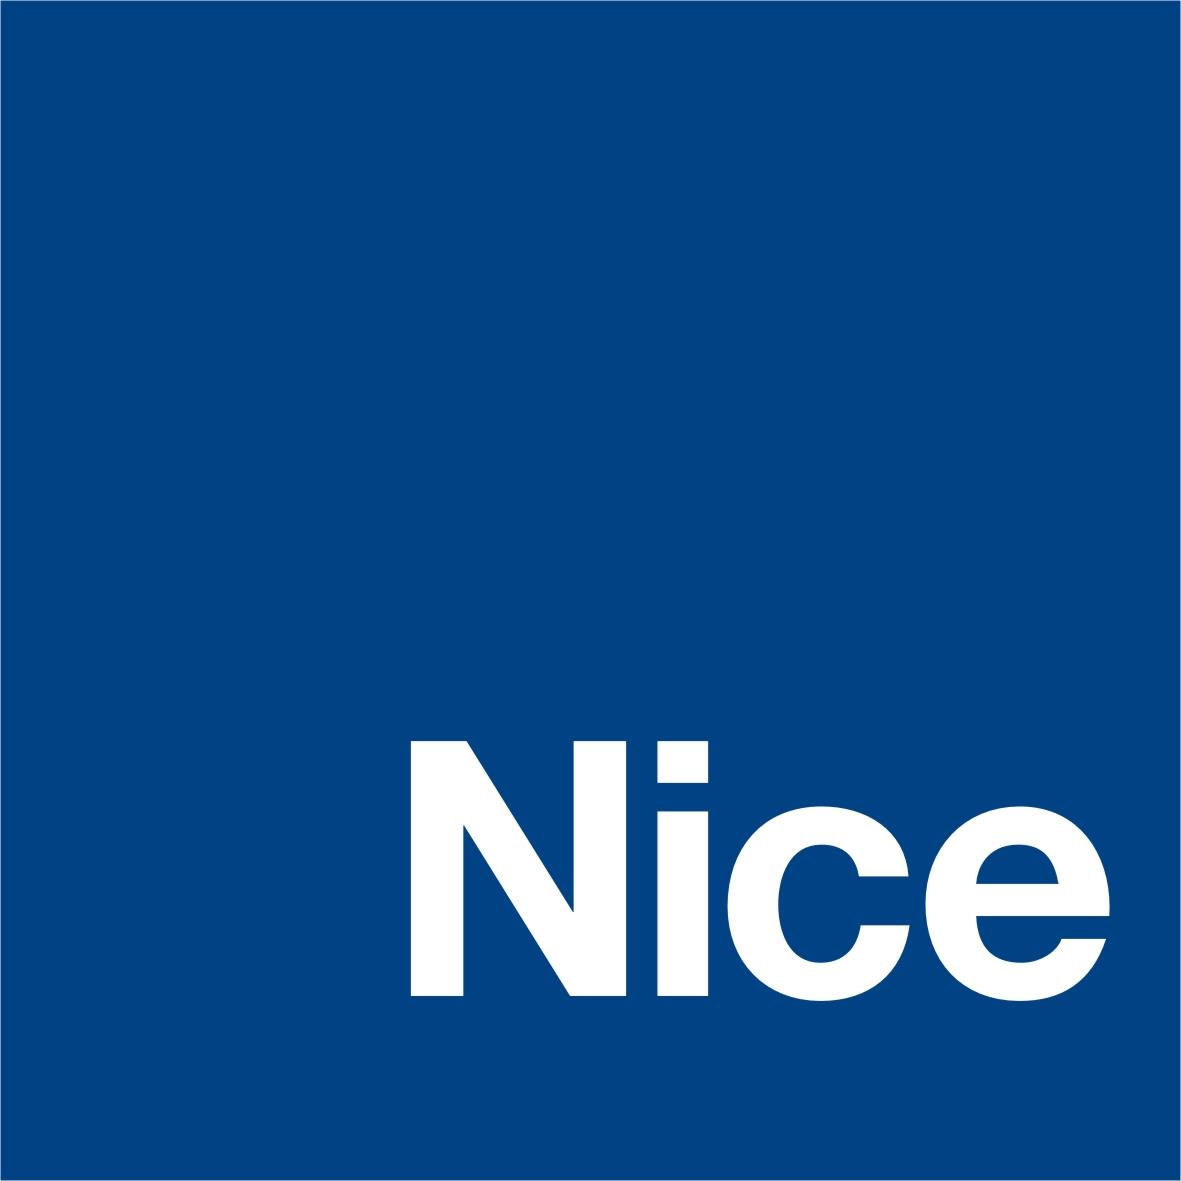 LOGO_NICE_RGB